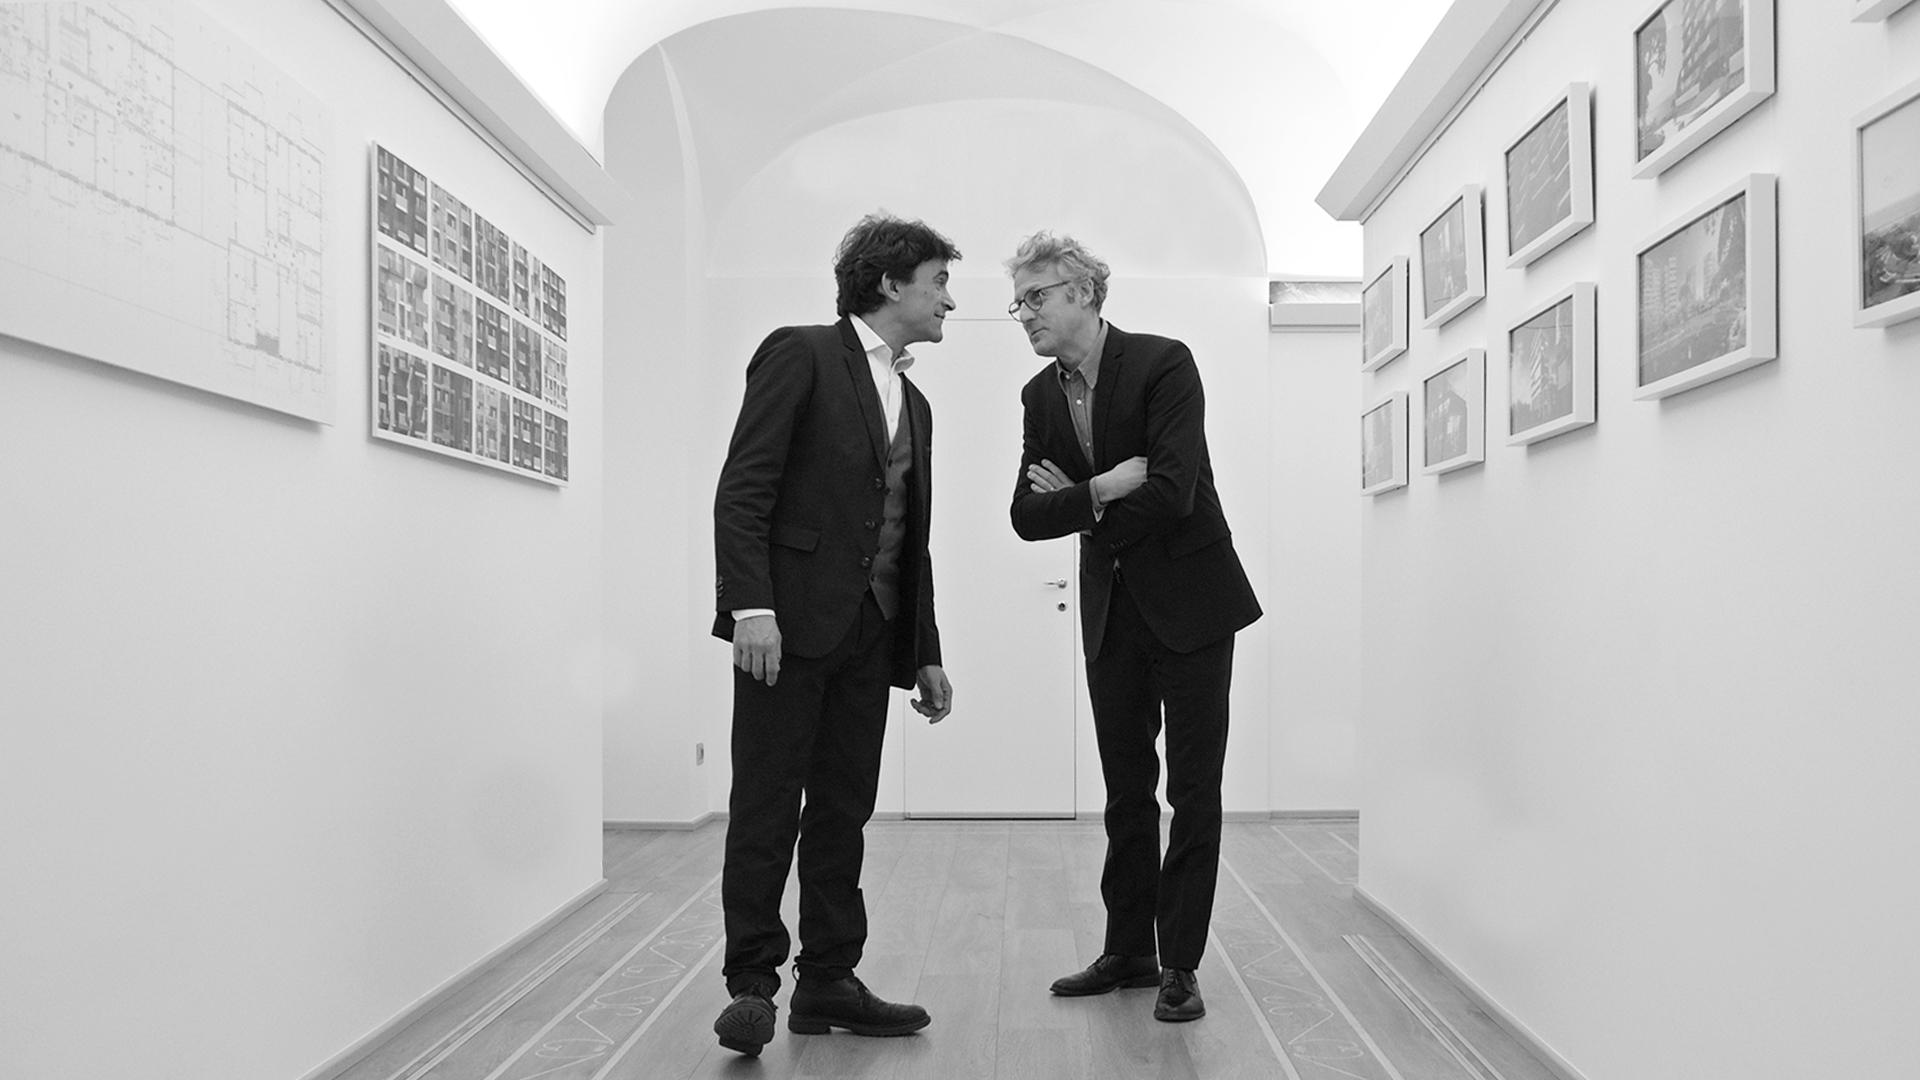 Fotografia degli architetti Giovanni La Varra e Gianandrea Barreca